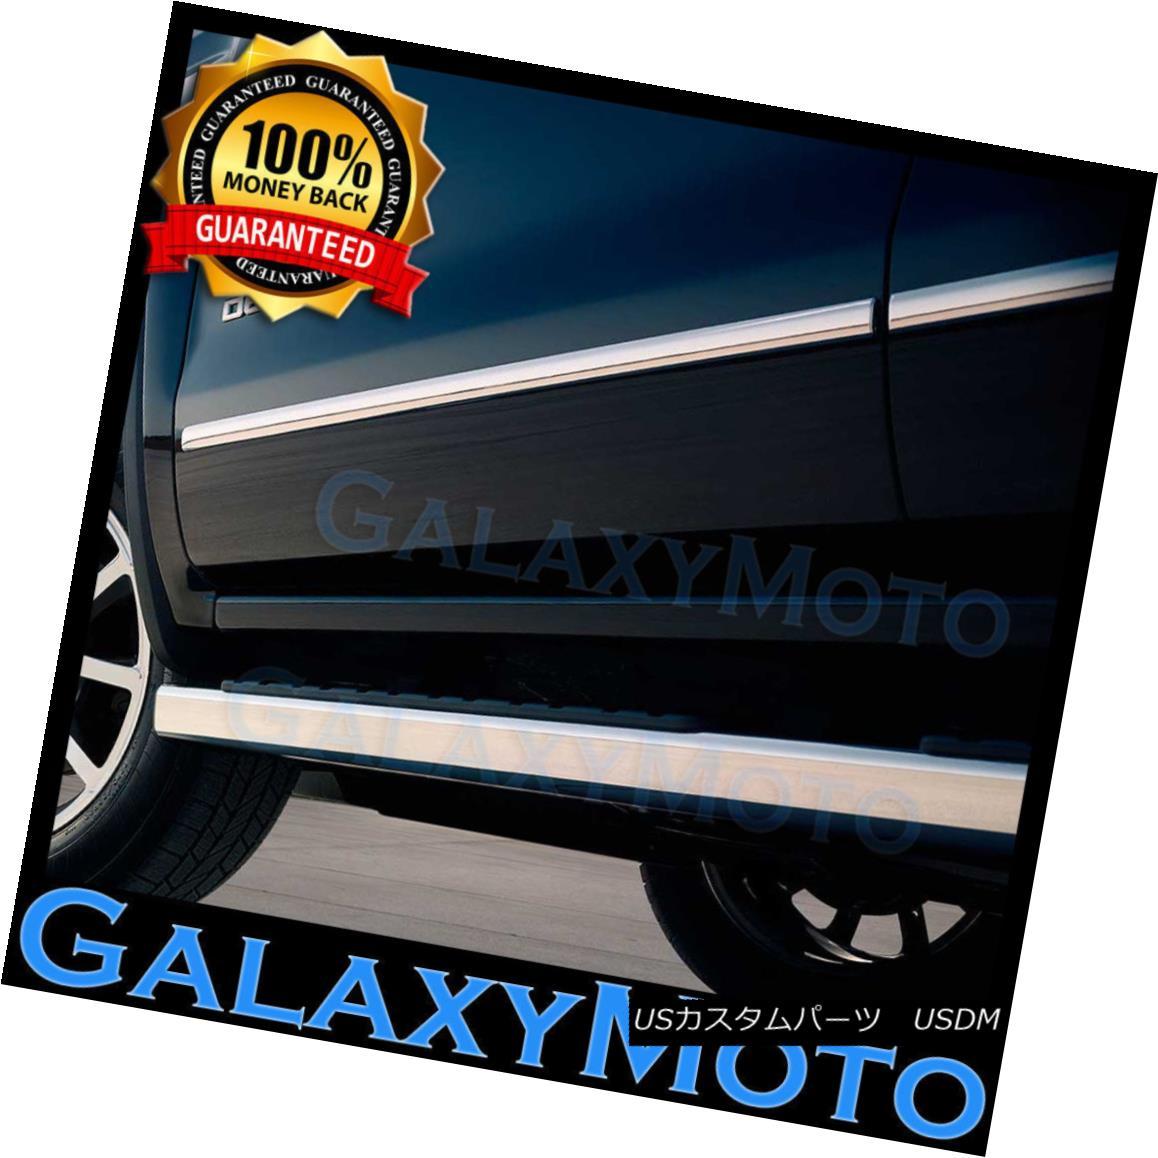 グリル 03-06 GMC Sierra Crew Cab 4 Door Chrome Body Side Molding Front+Rear 4pcs Kit 03-06 GMC Sierra Crewキャブ4ドアクロームボディサイドモールディングフロント+リア4本キット